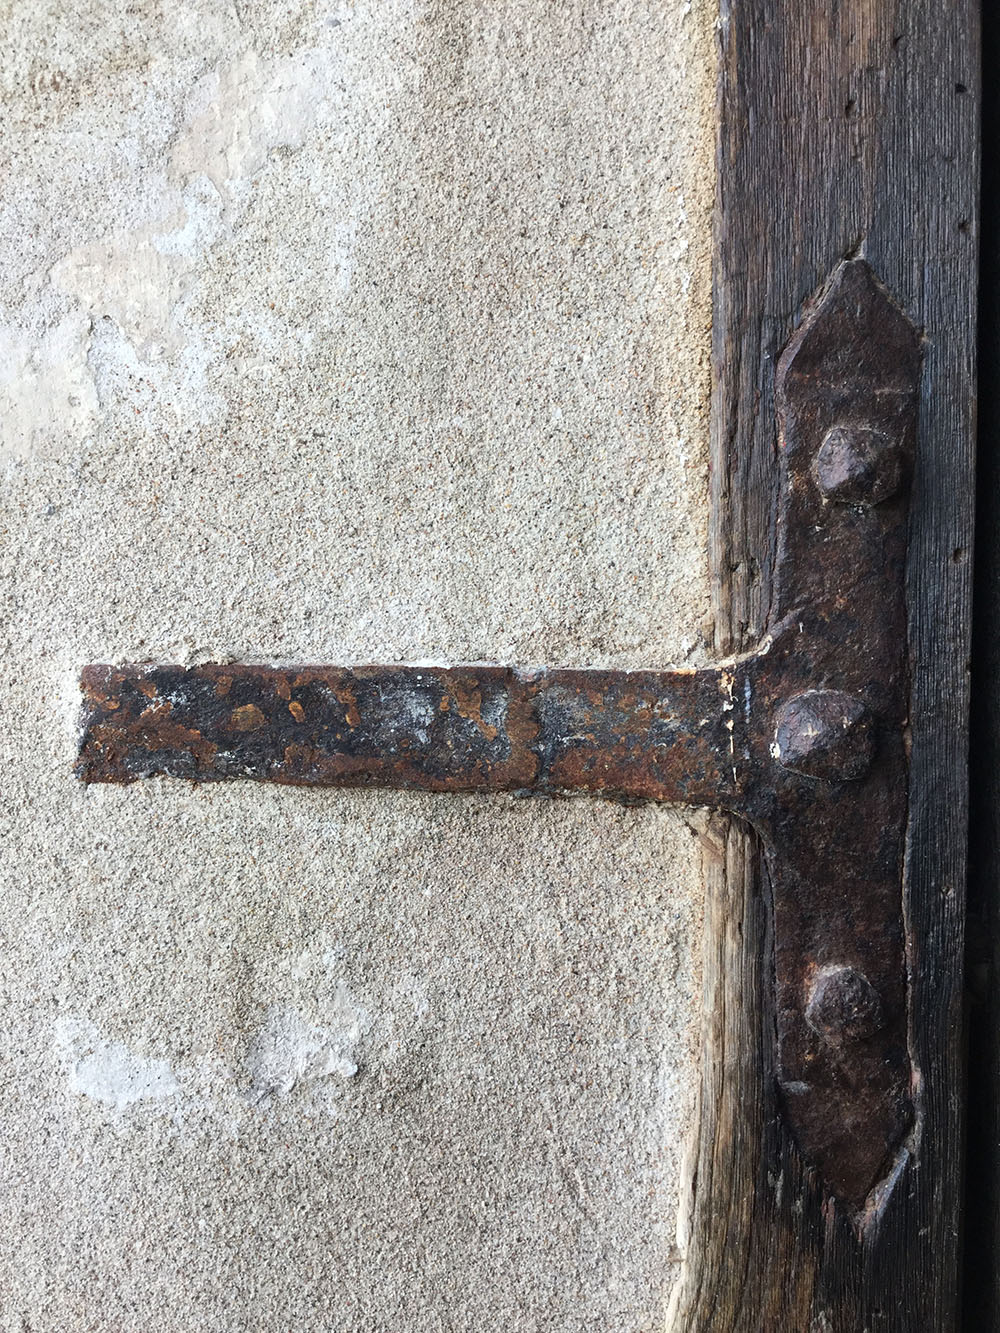 09 dettaglio di uno degli elementi metallici del portale